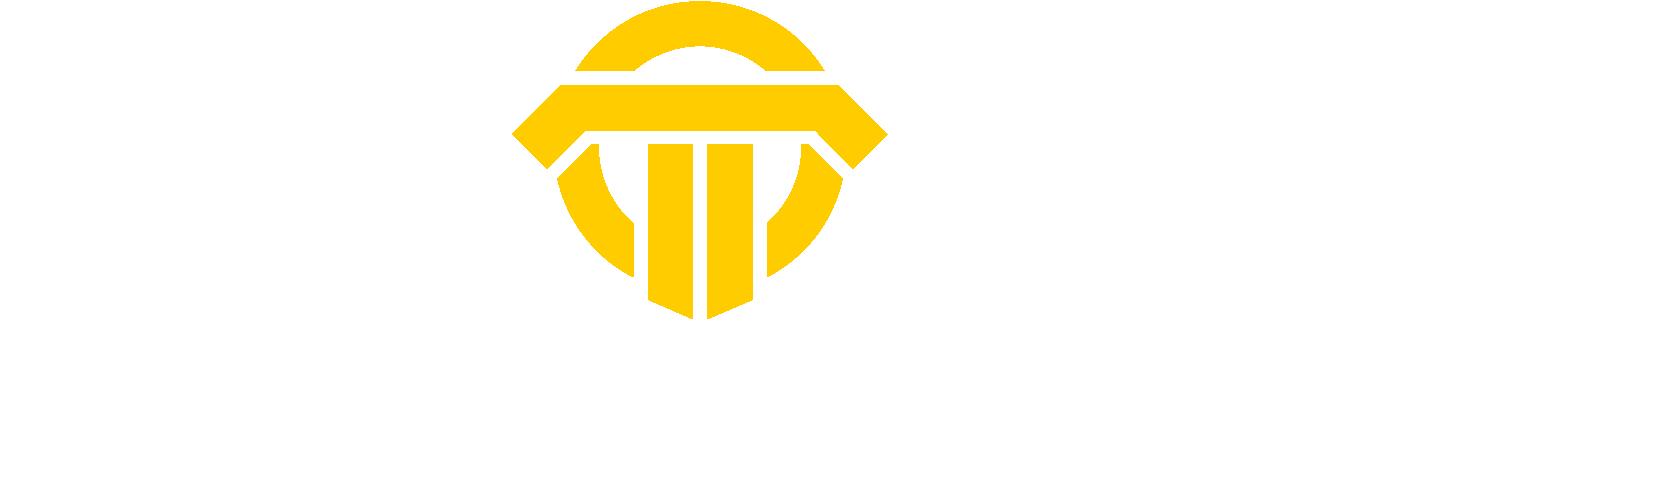 Thorsis Technologies